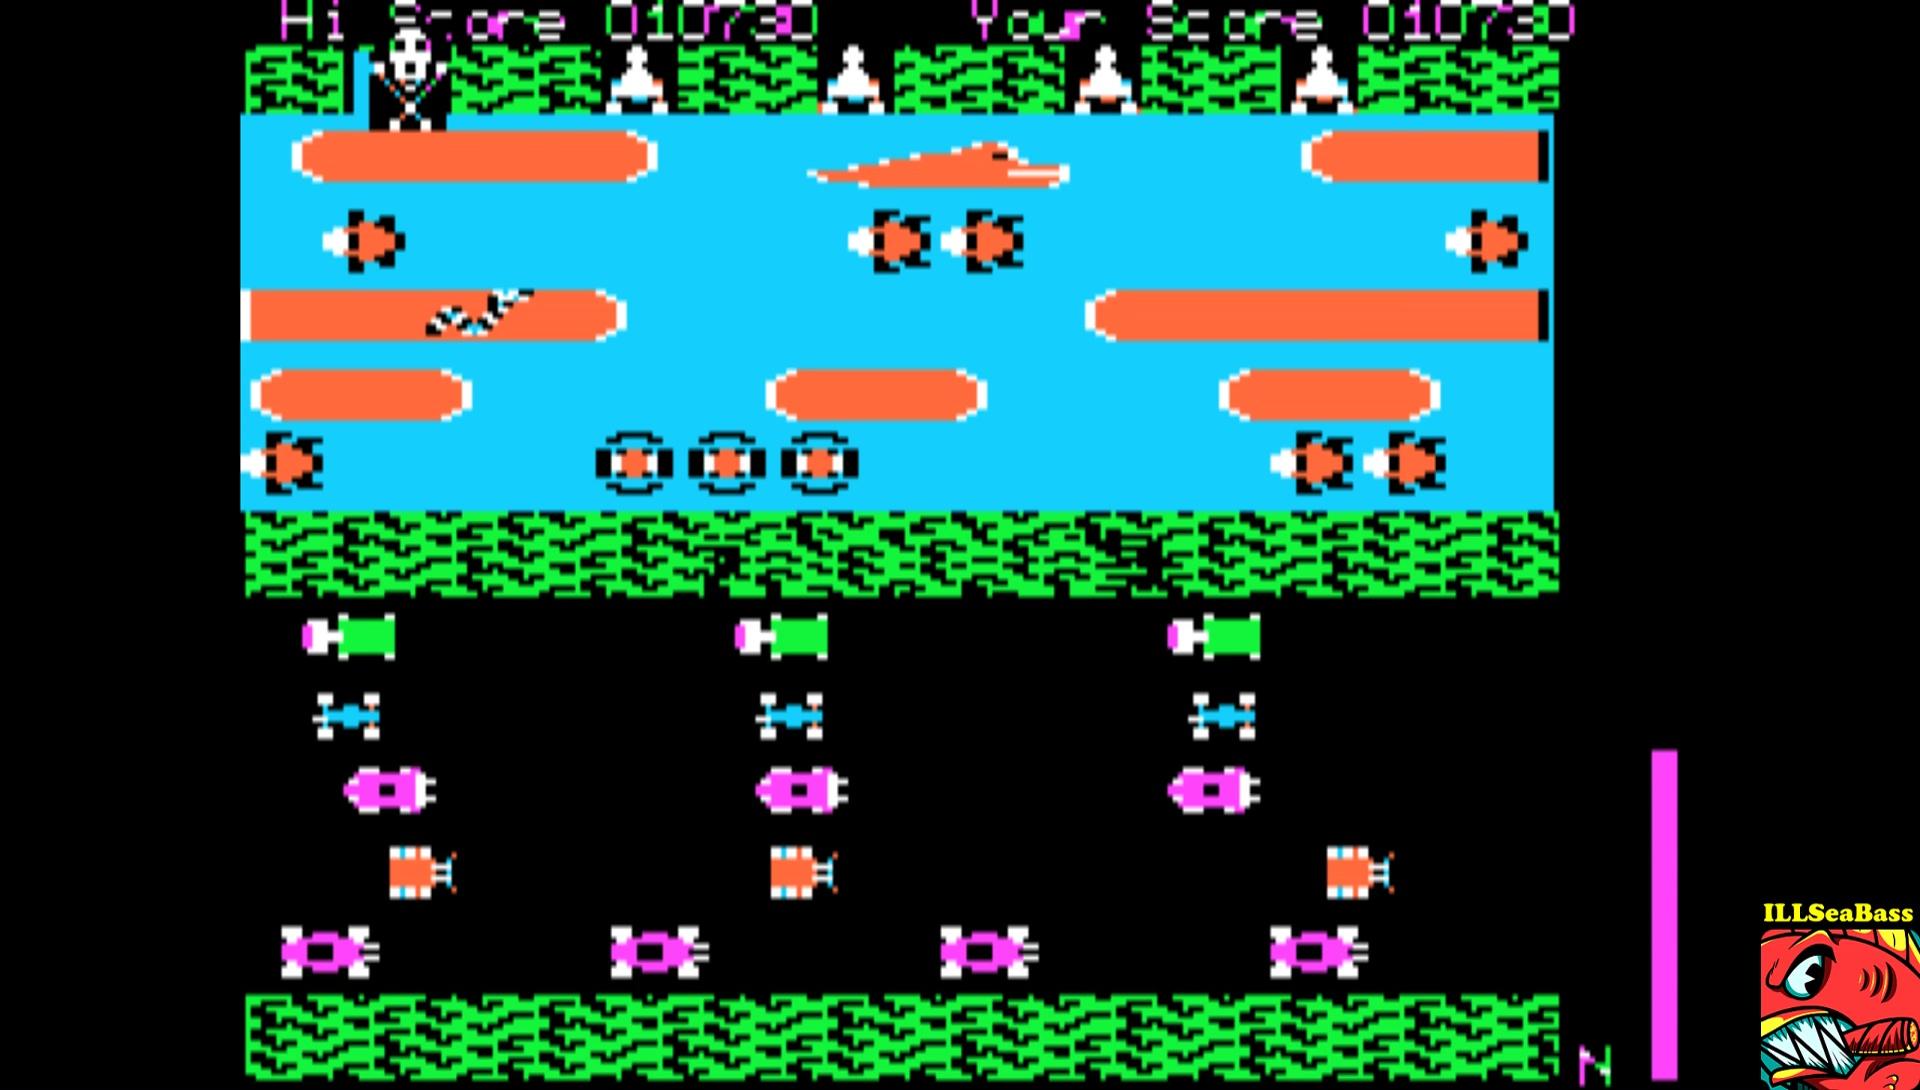 ILLSeaBass: Frogger (Apple II Emulated) 10,730 points on 2017-02-21 10:49:37